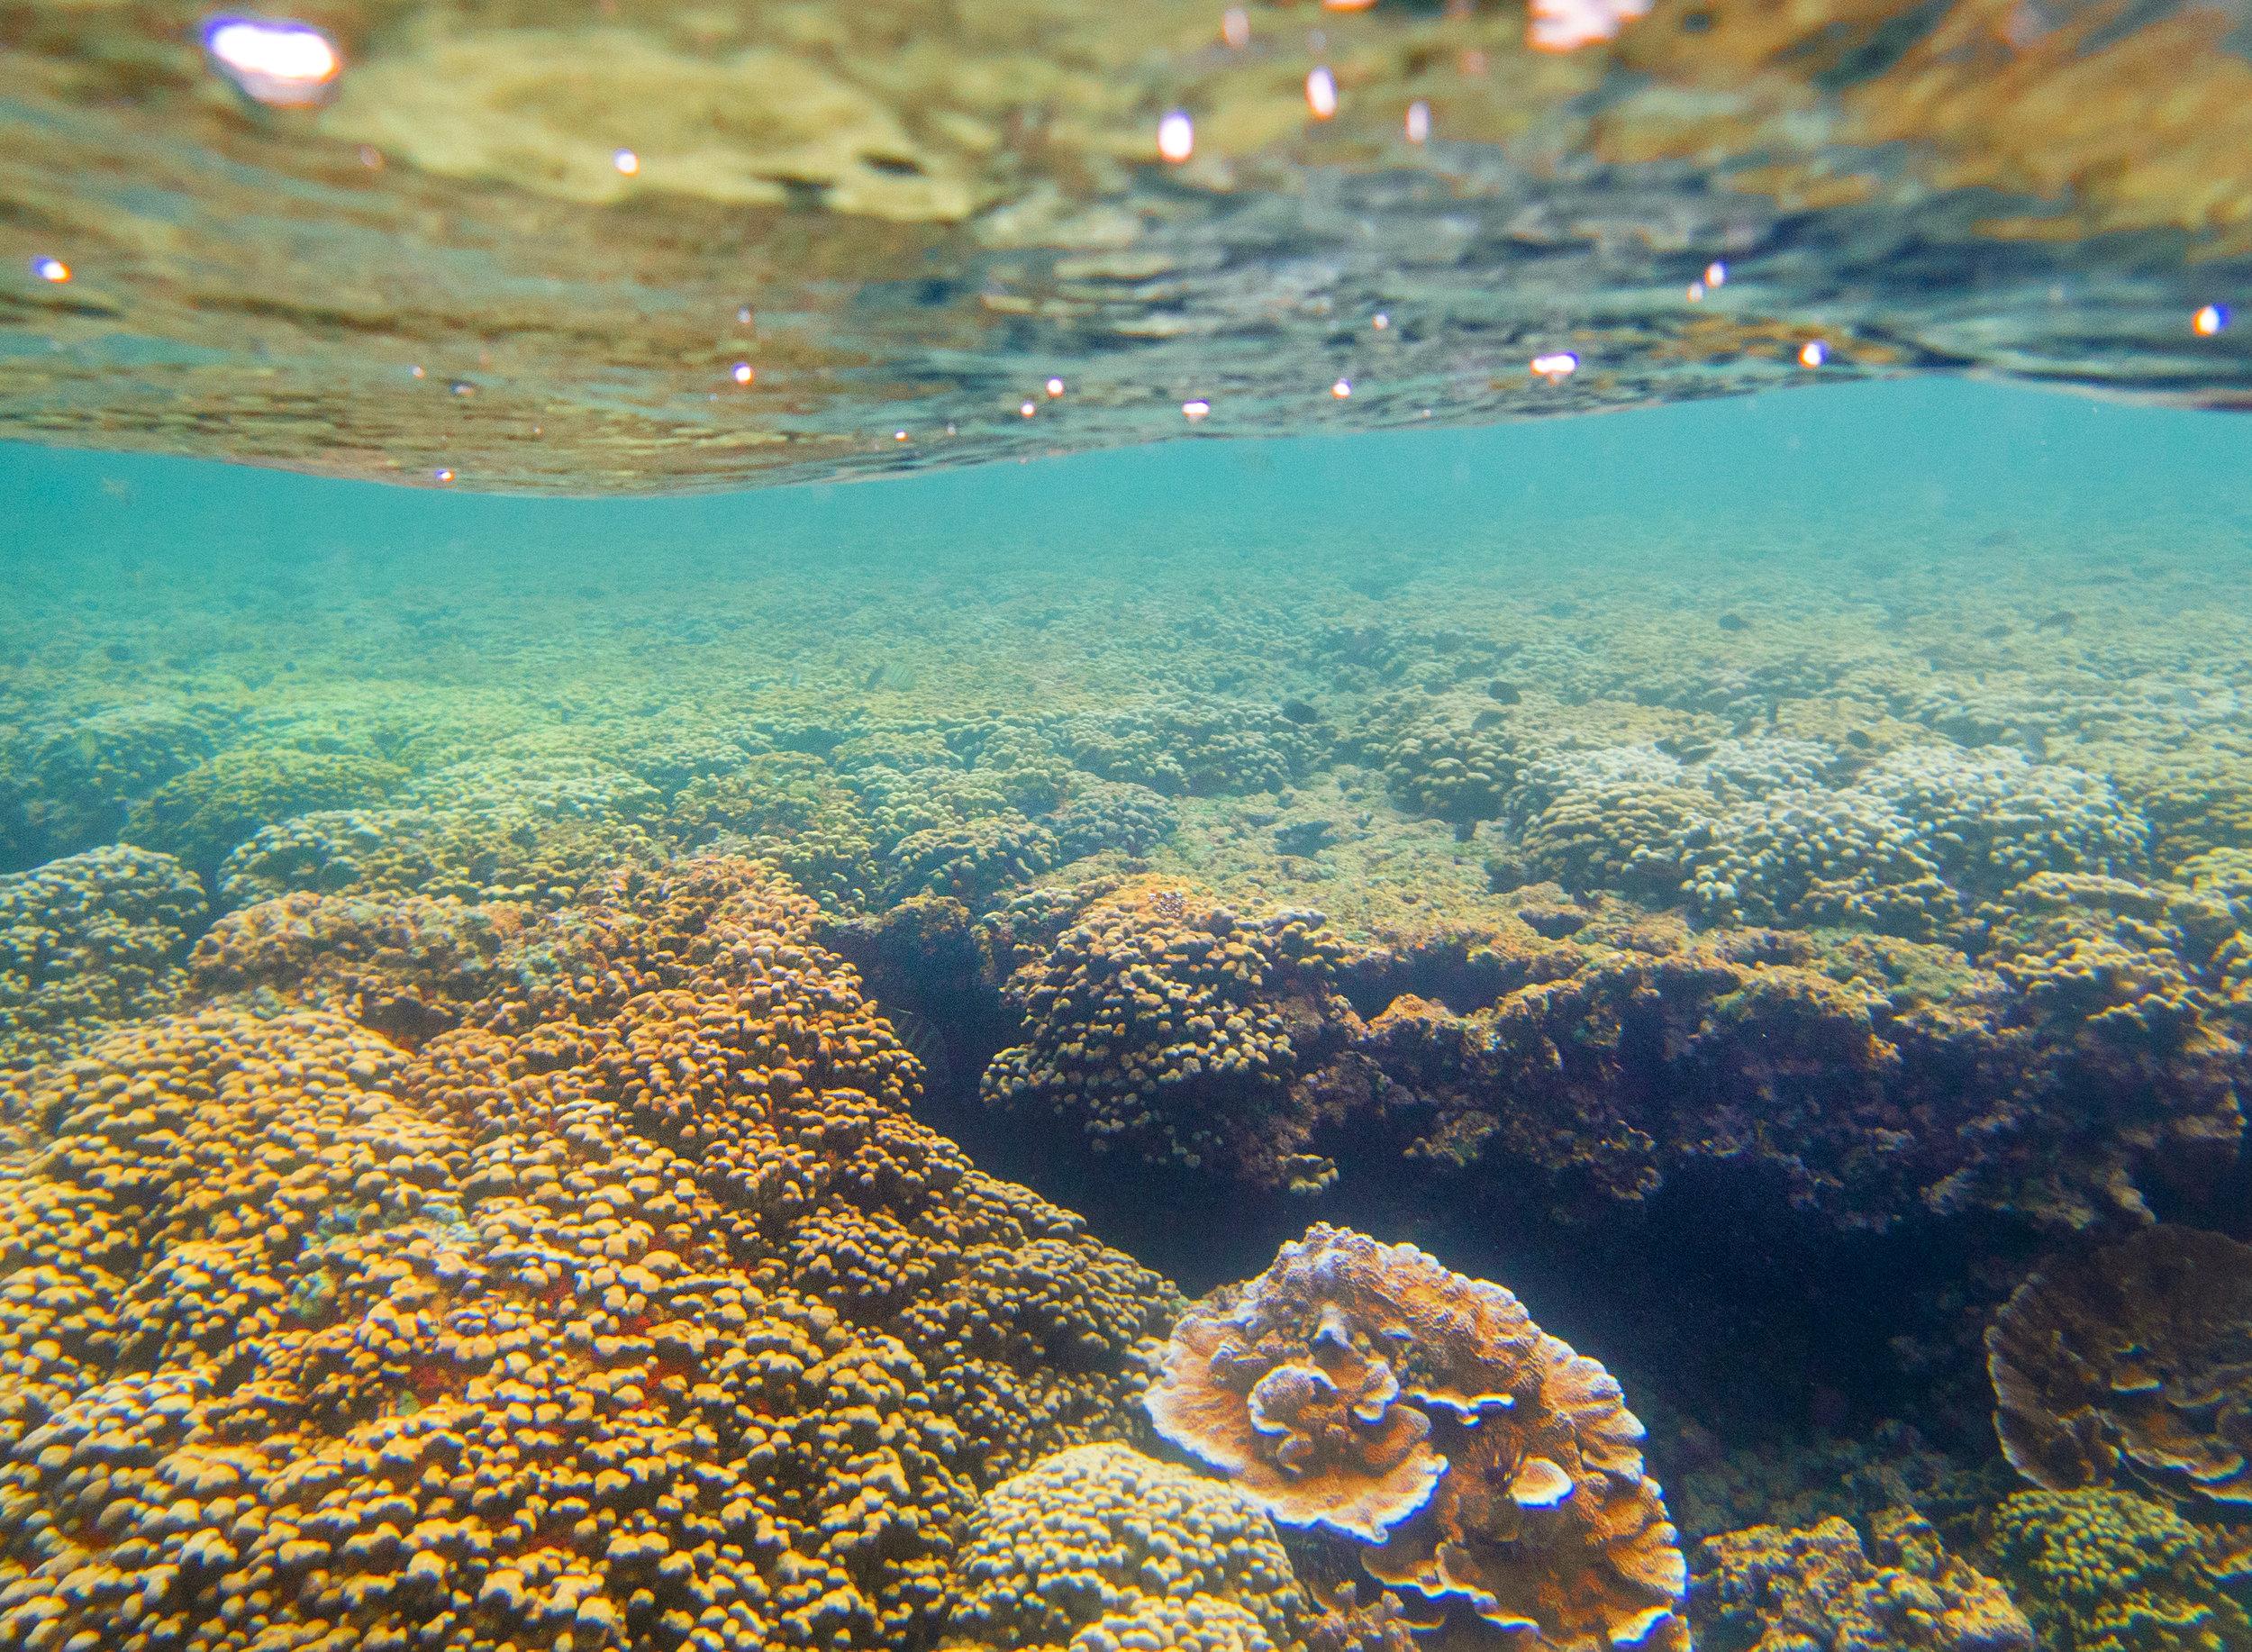 reefscene3.jpg